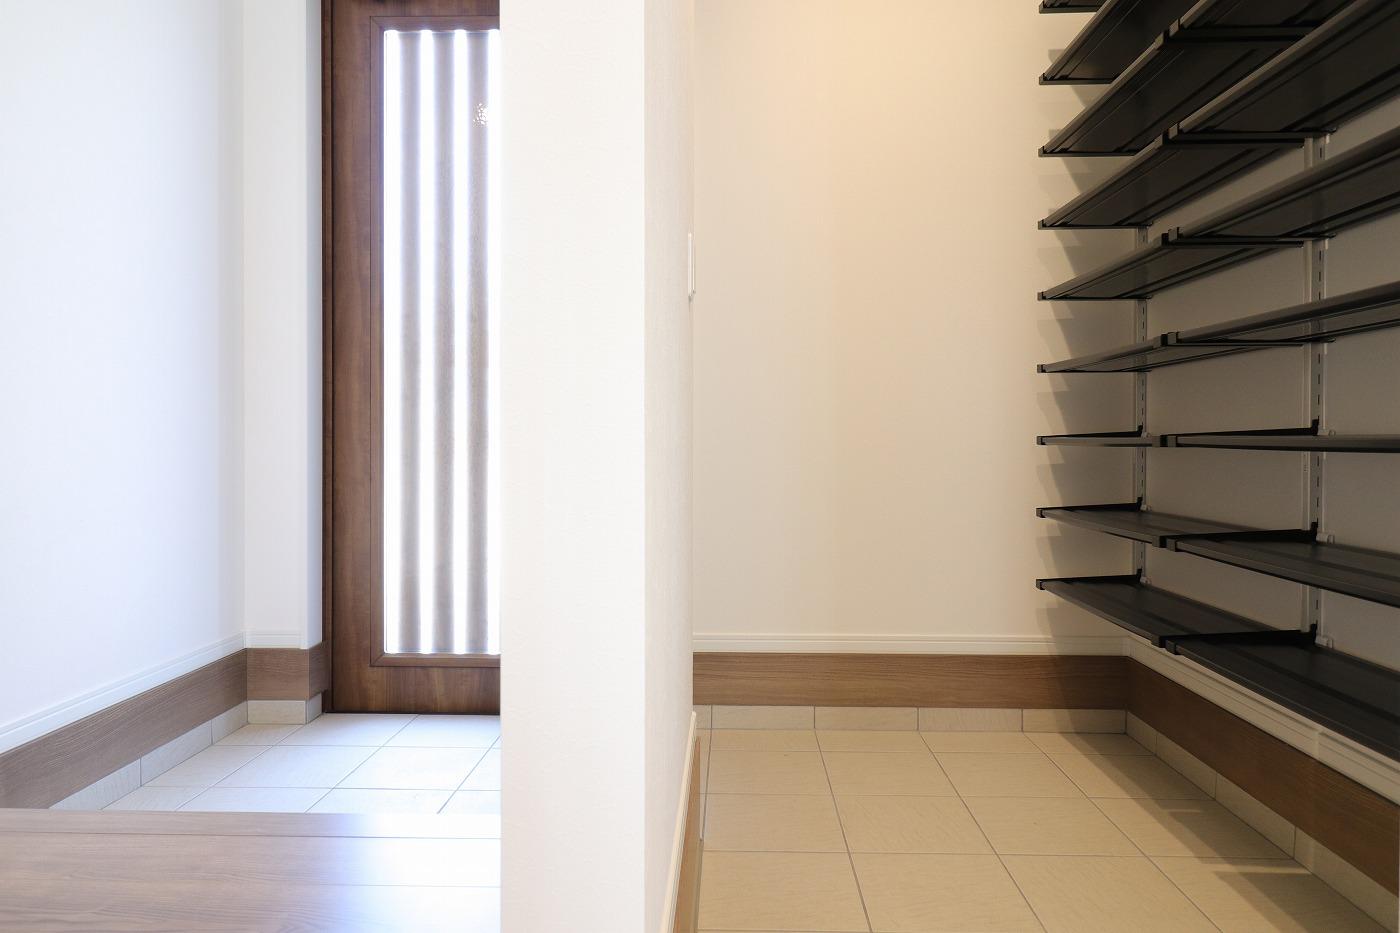 高松市木太町新築分譲建売住宅の玄関シューズクローゼット